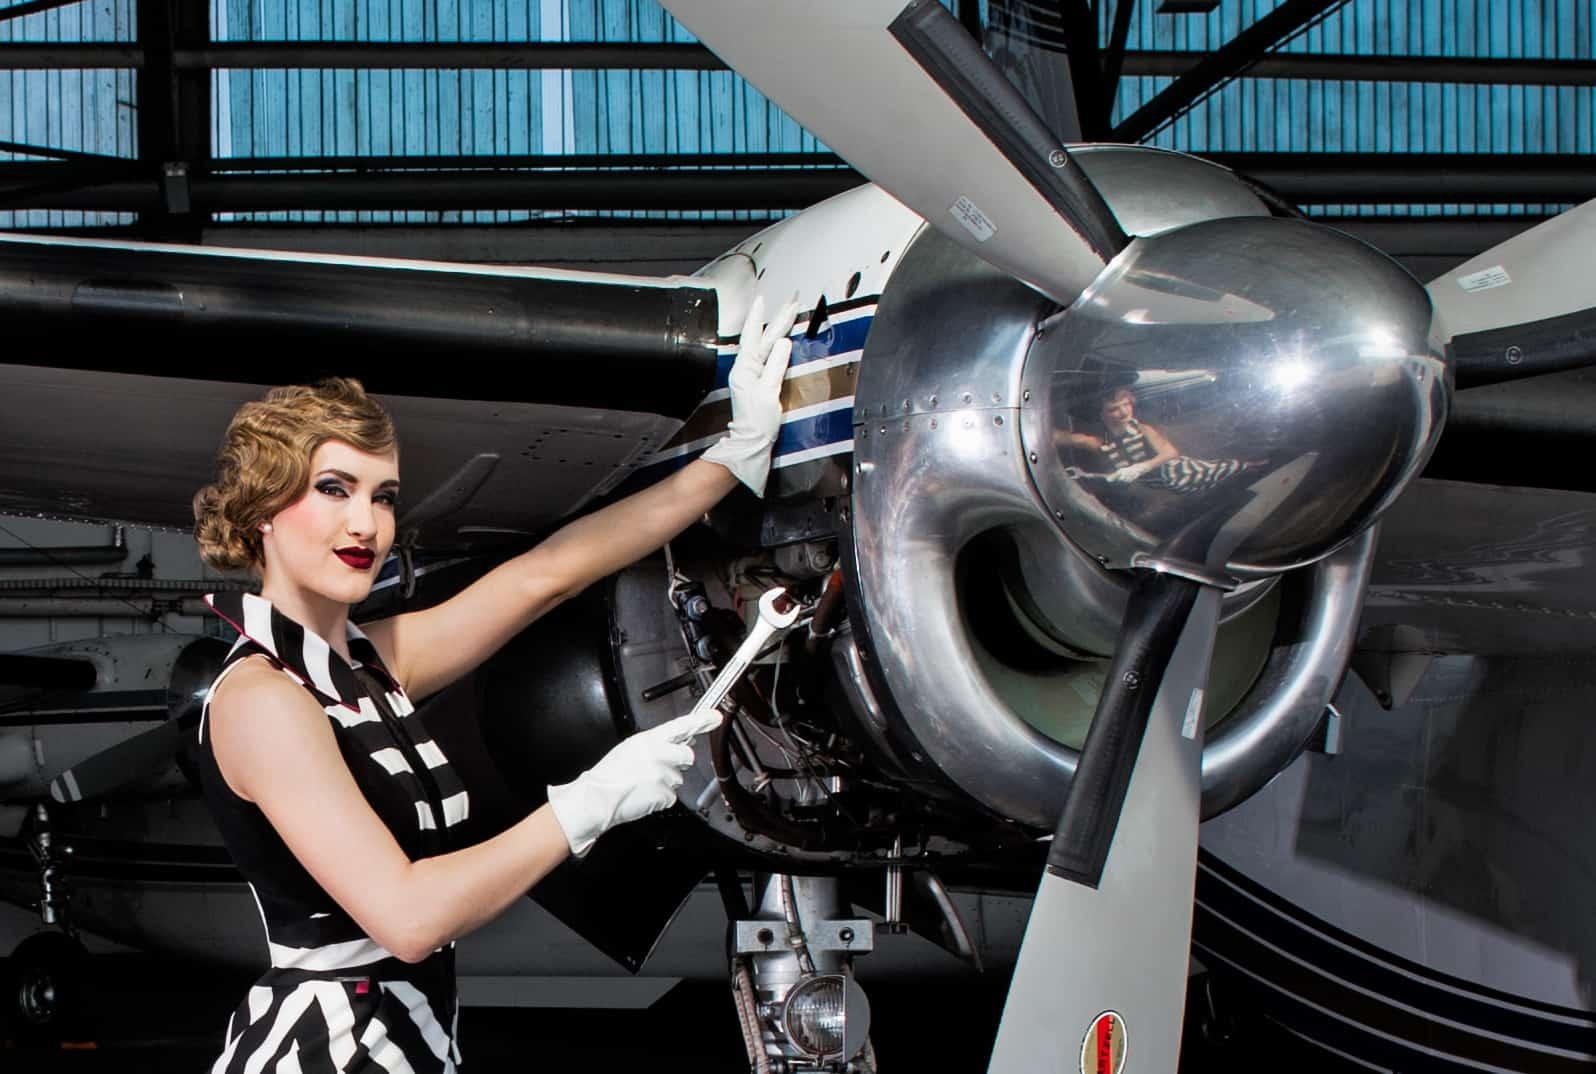 Egal-was-sie-vorhaben-mit-uns-sehen-Sie-immer-perfekt-aus-Flugzeugreparatur-mit-Wasserwelle-Making-Of-Titel